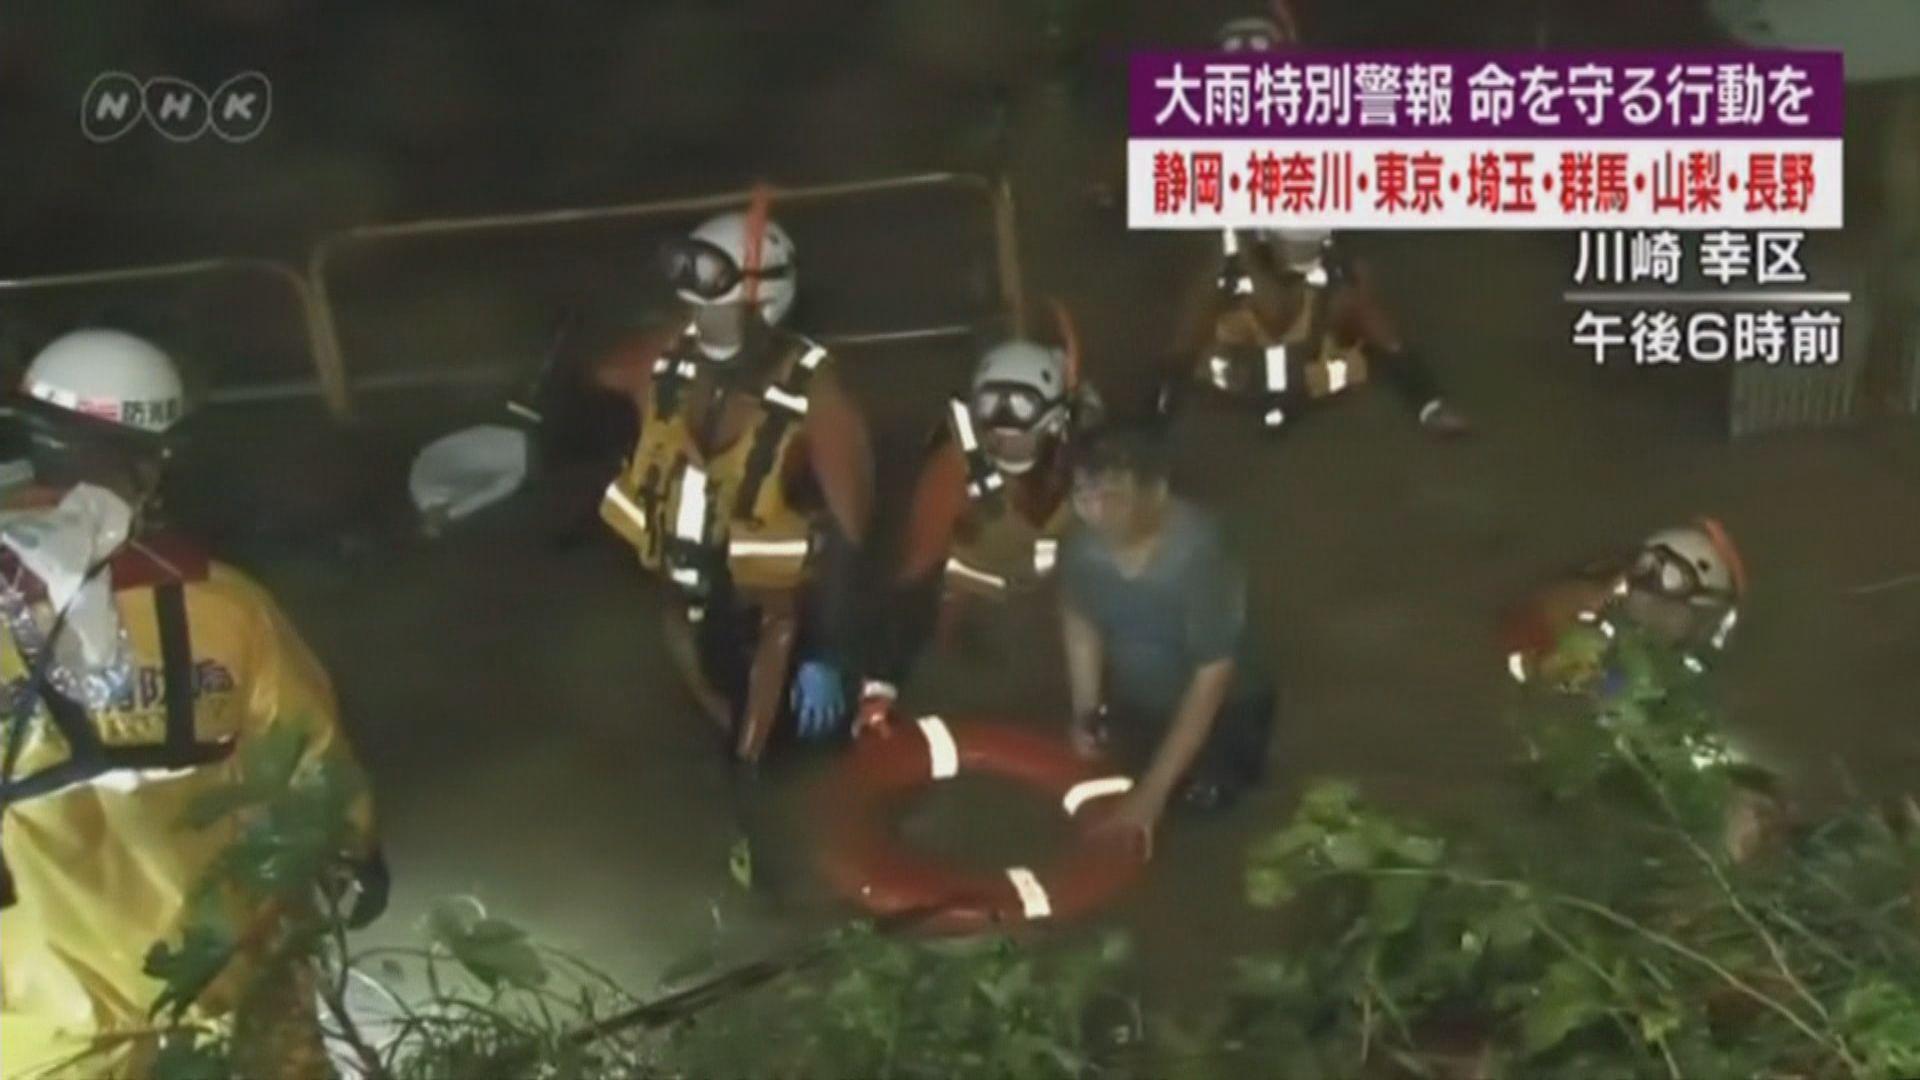 日本氣象廳在12個都縣發最高級別防災警報